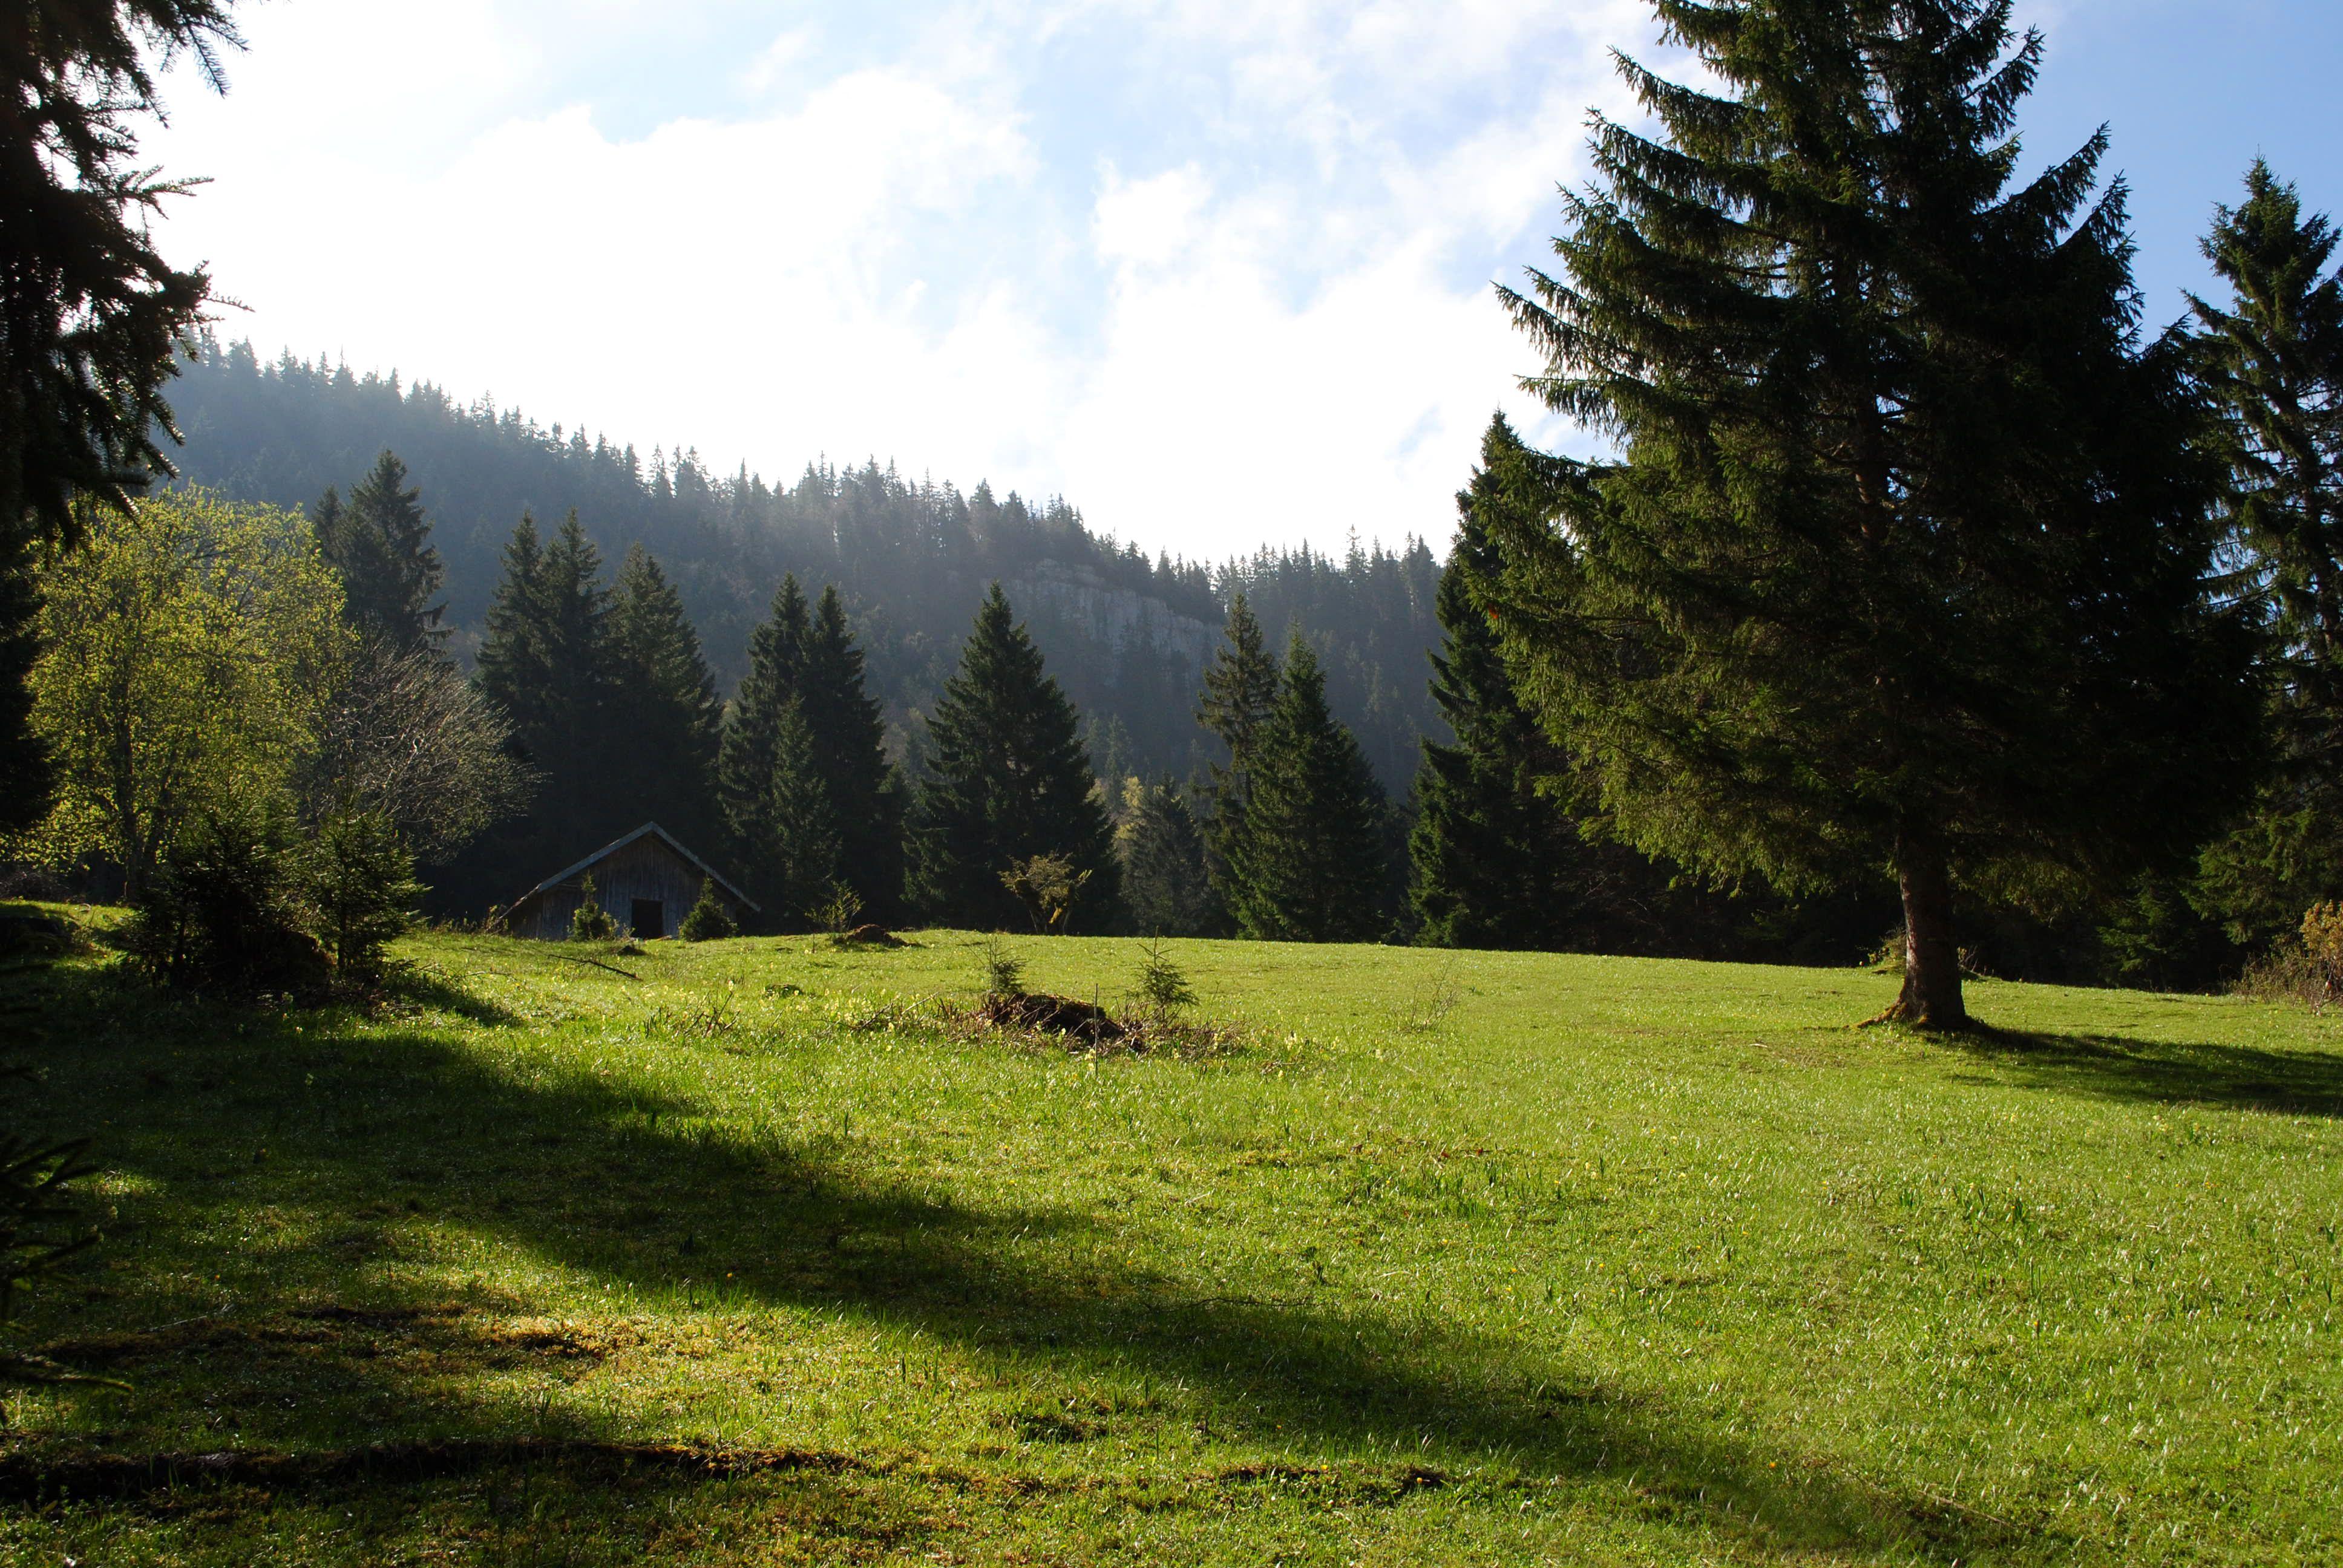 Chapelle des Bois Photographies Jura Jura Suisse Doubs Pint u2026 # La Chapelle Des Bois Jura